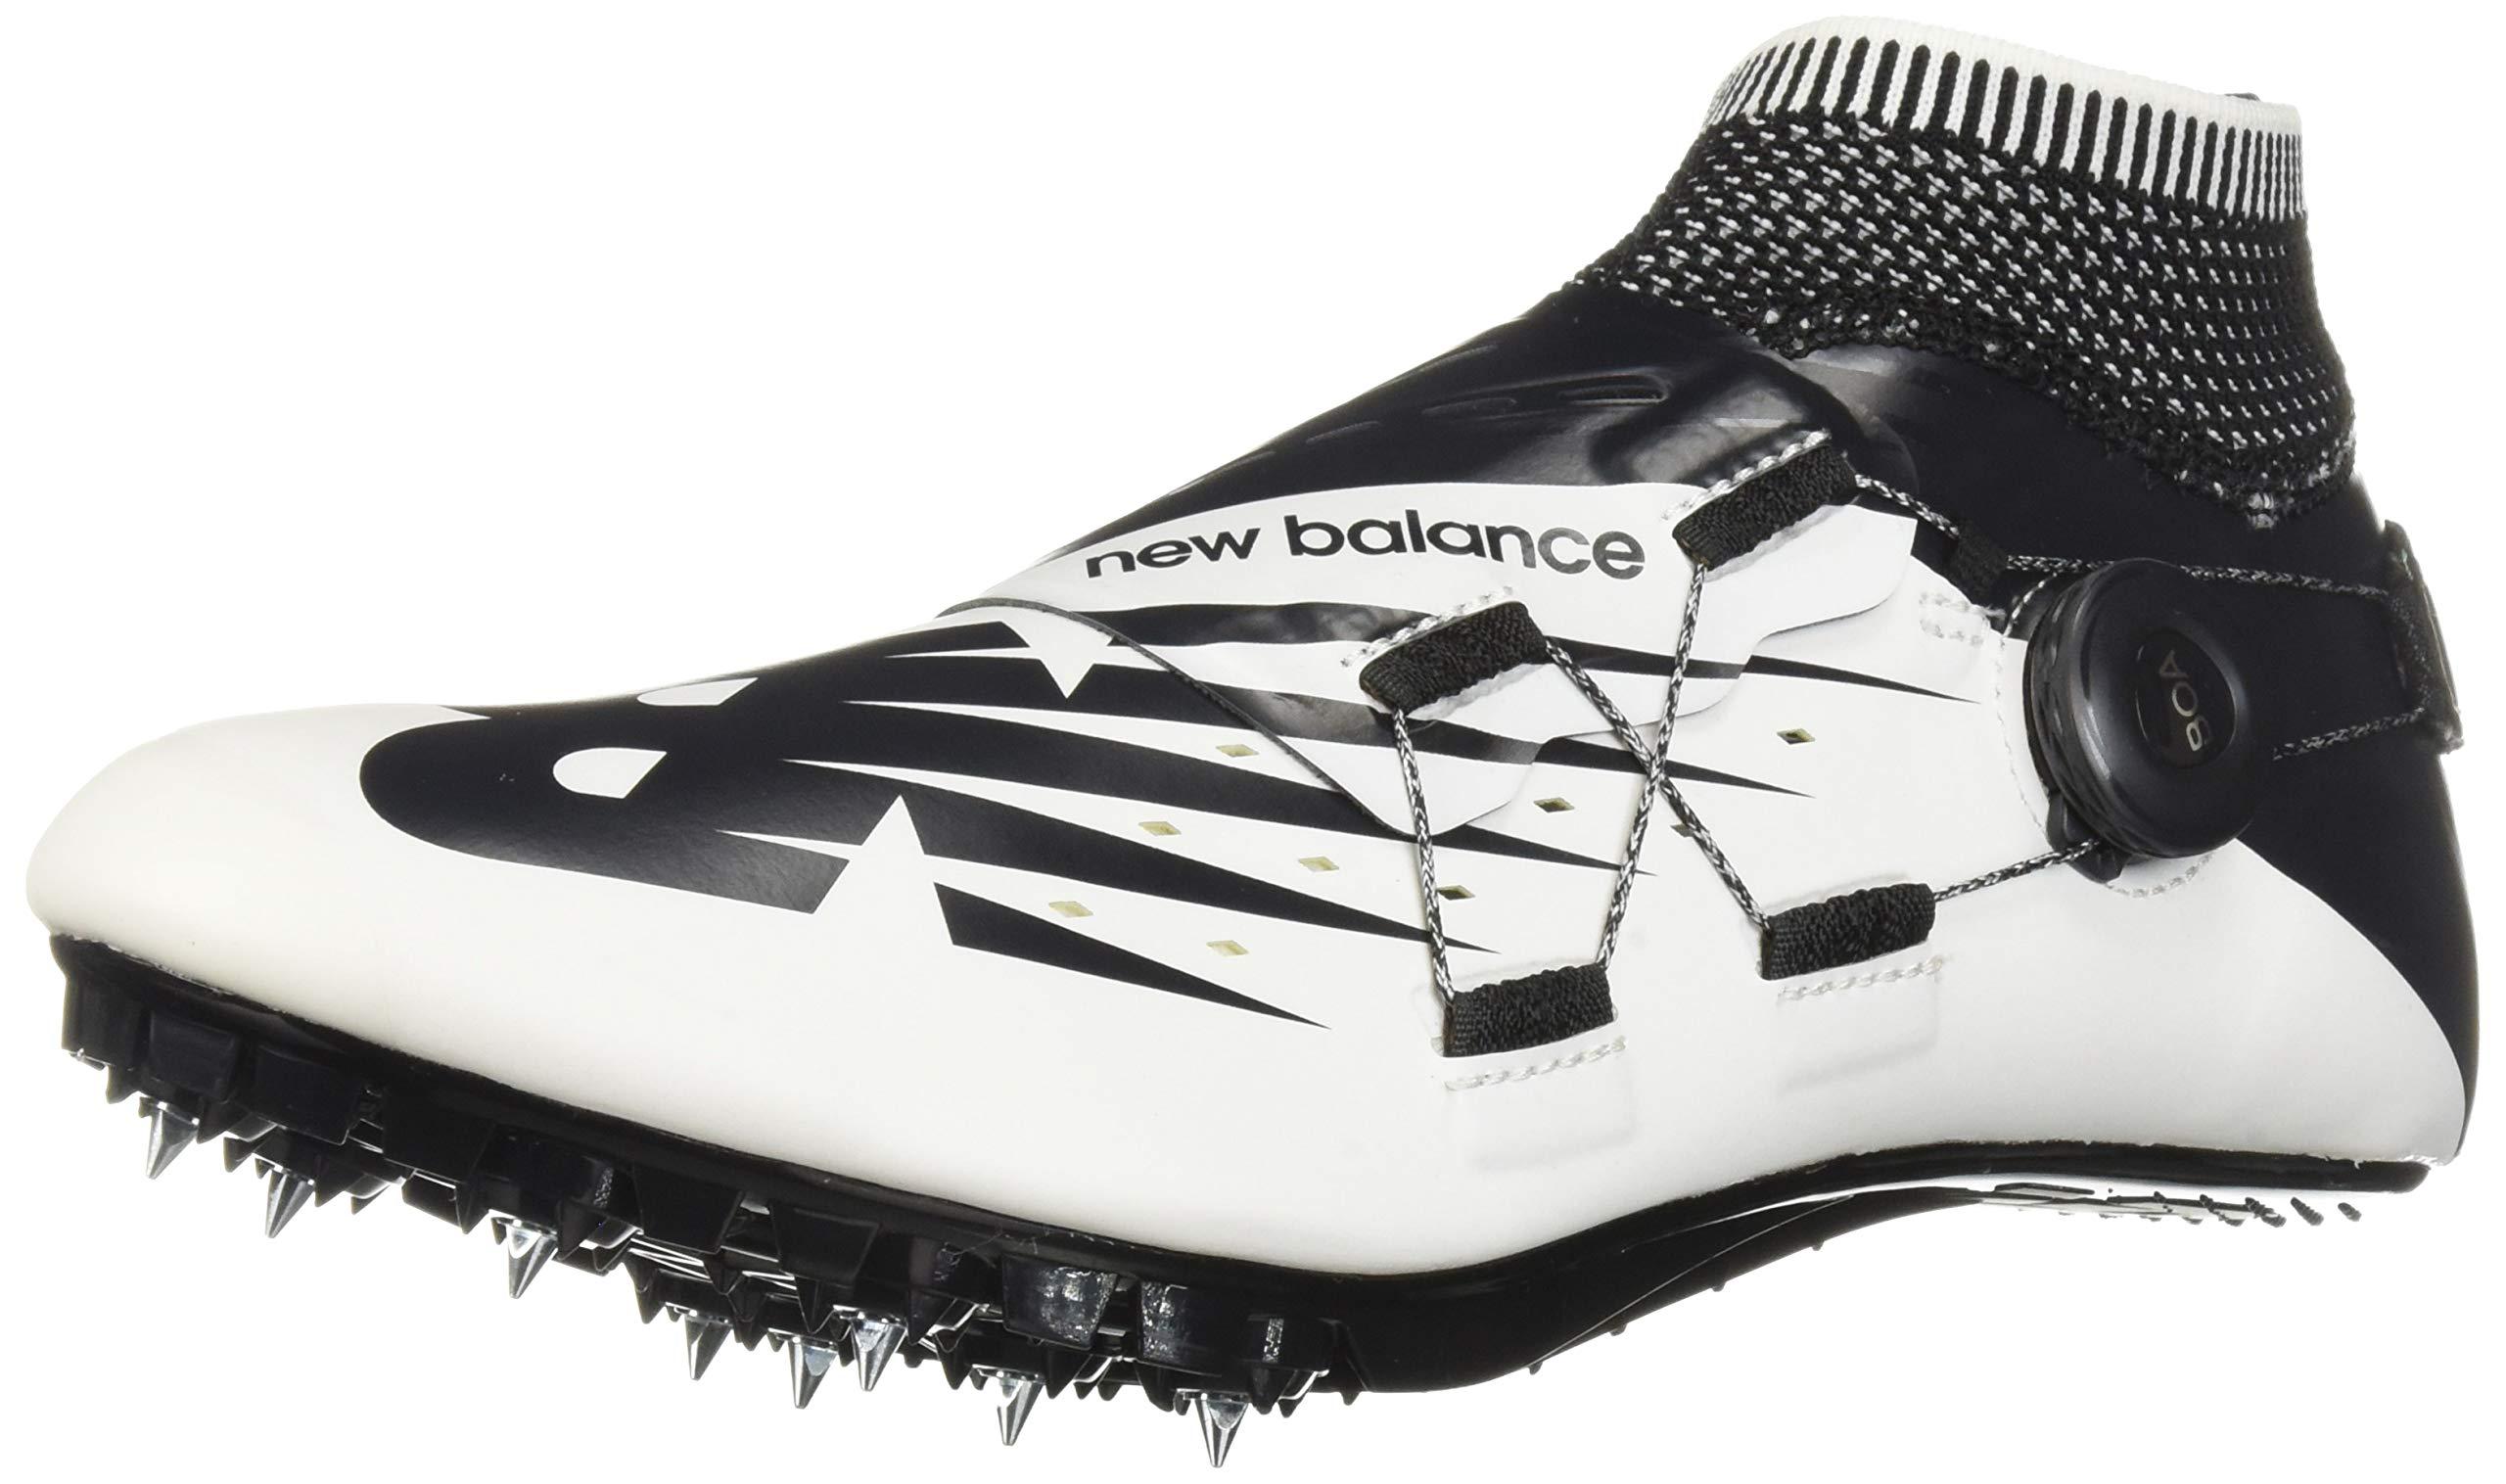 New Balance Men's Sigma V2 Vazee Track Shoe White/Black 4 D US by New Balance (Image #1)